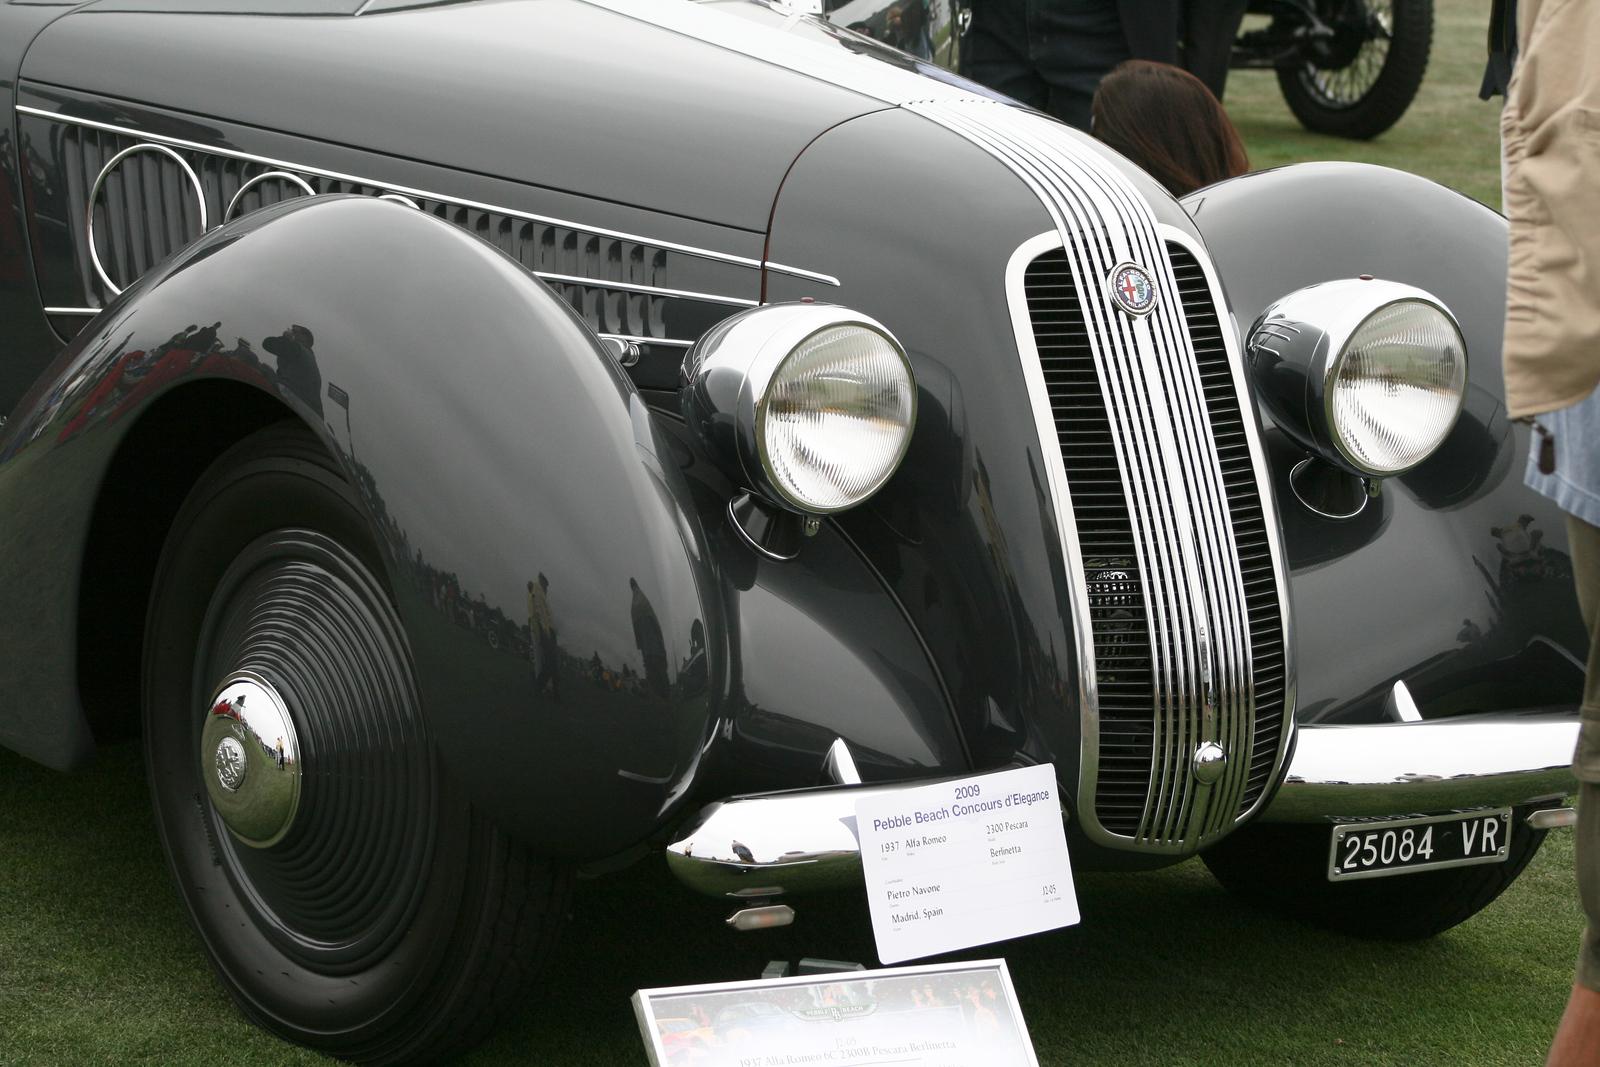 IMAGE: https://photos.smugmug.com/Events-Automotive/2009-Concours-dEleg/i-mdBMH8p/0/8ade9edf/X3/2009%20Monterey%20Trip-31-X3.jpg